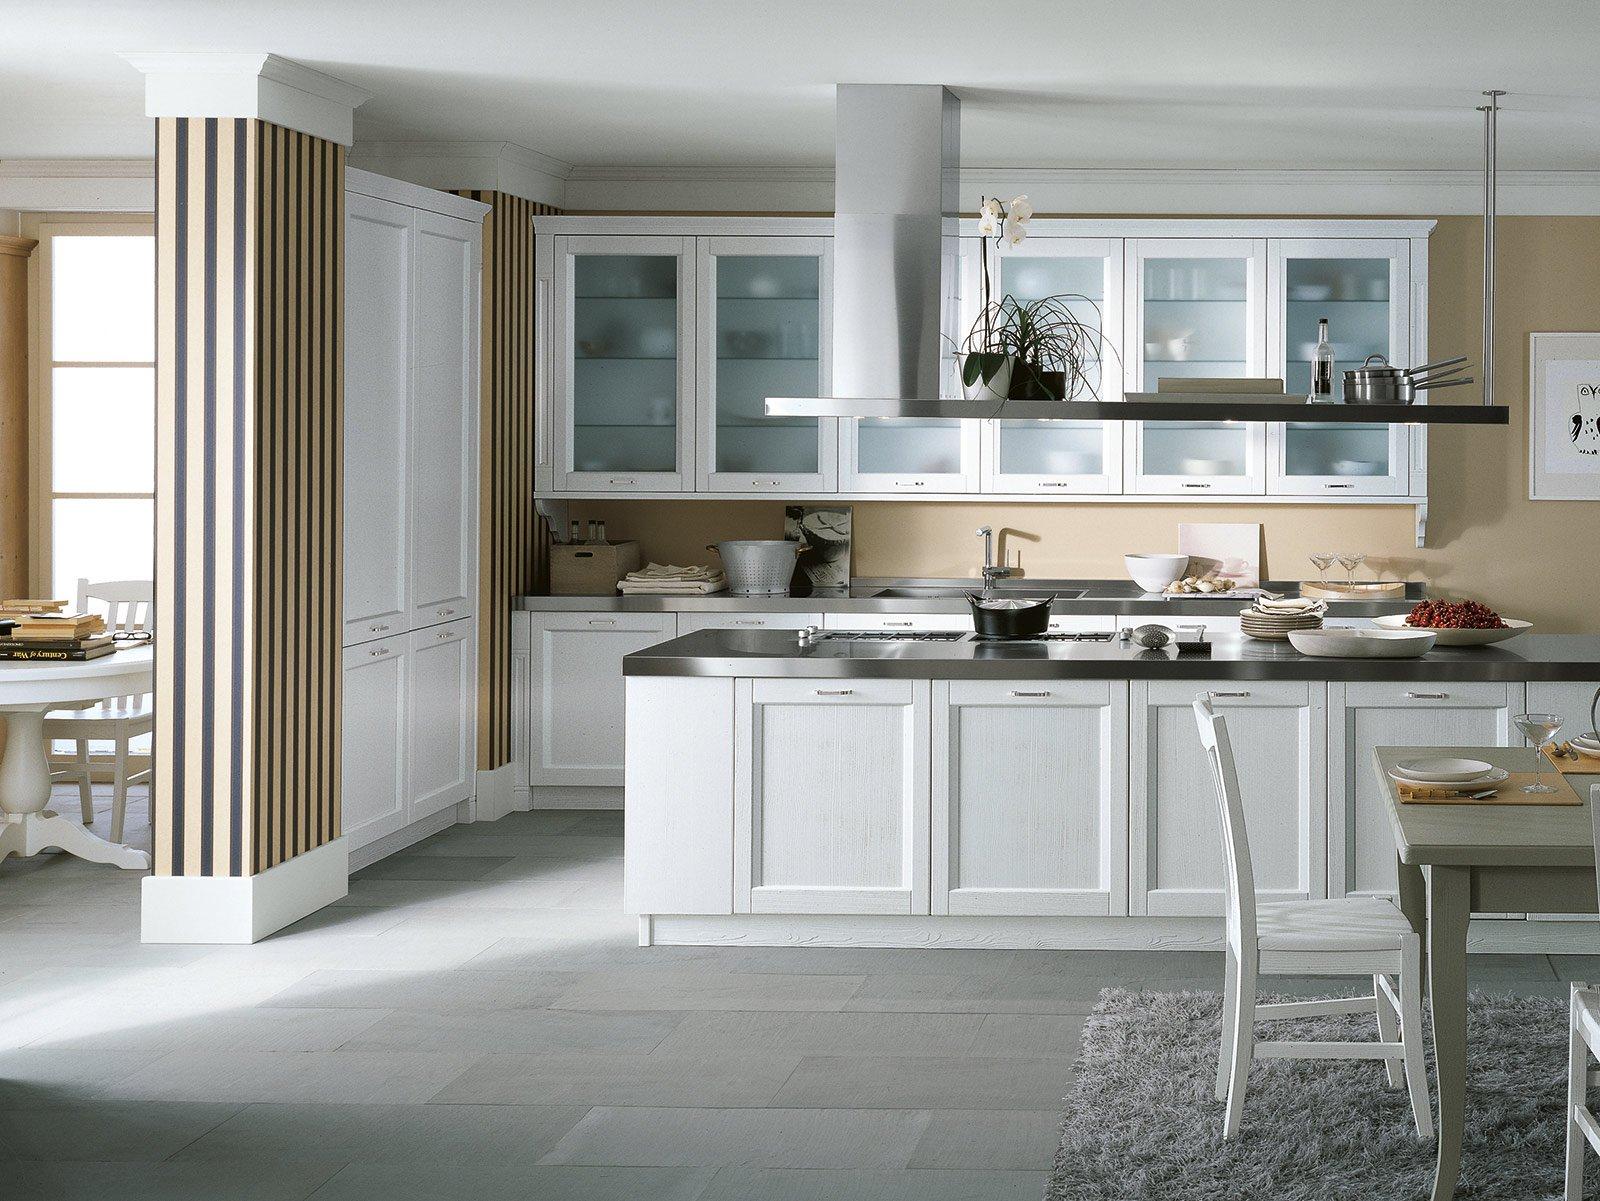 Piano Lavoro Legno Cucina Ikea : Piano cottura a gas 3 fuochi ...